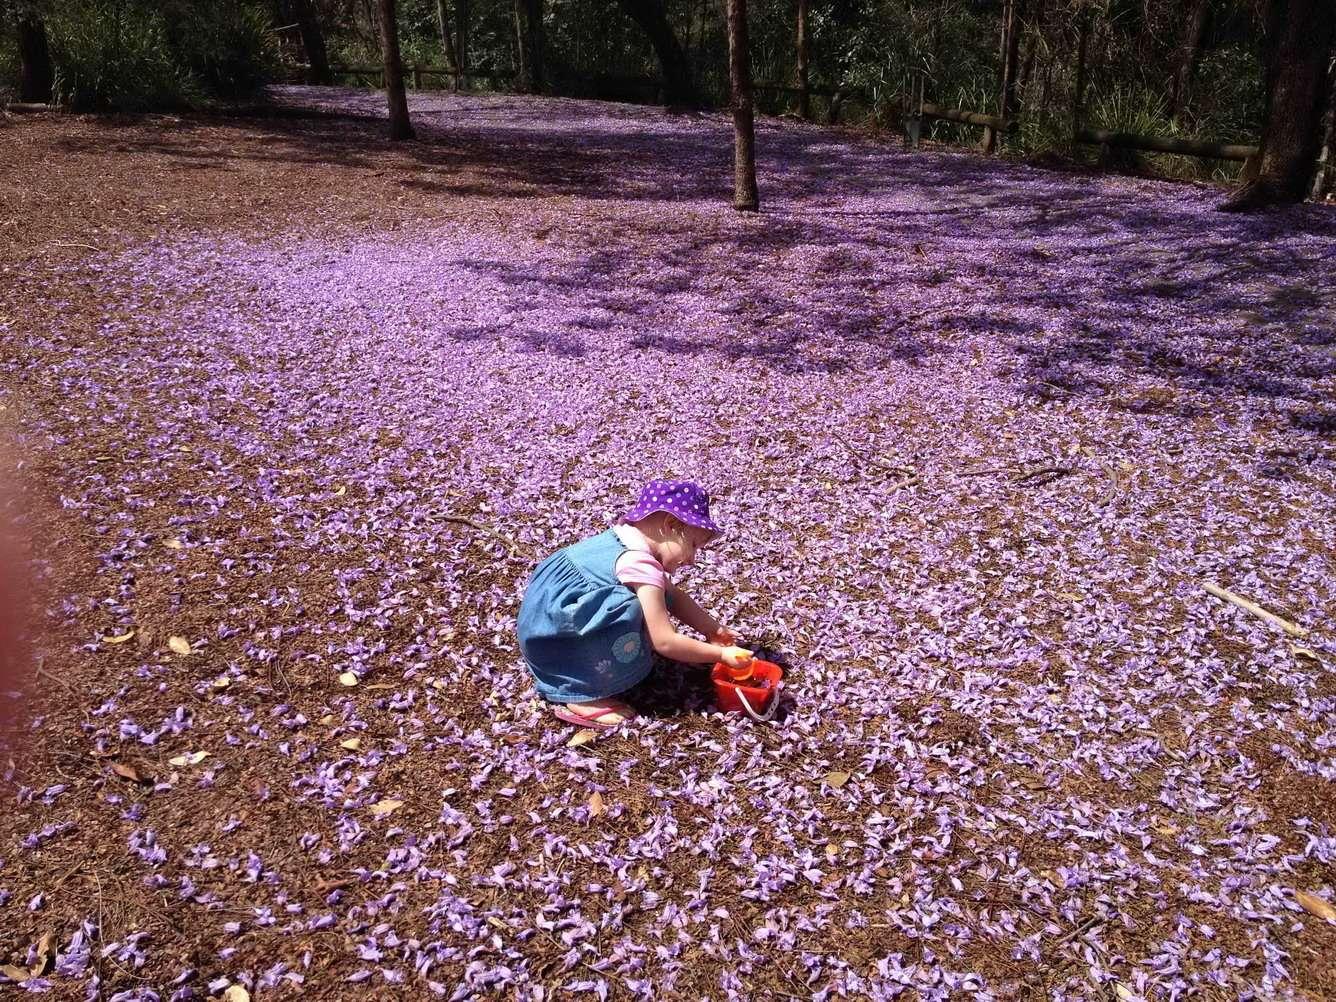 Không chỉ nhuộm sắc bầu trời, cánh hoa còn phủ tím mặt đất